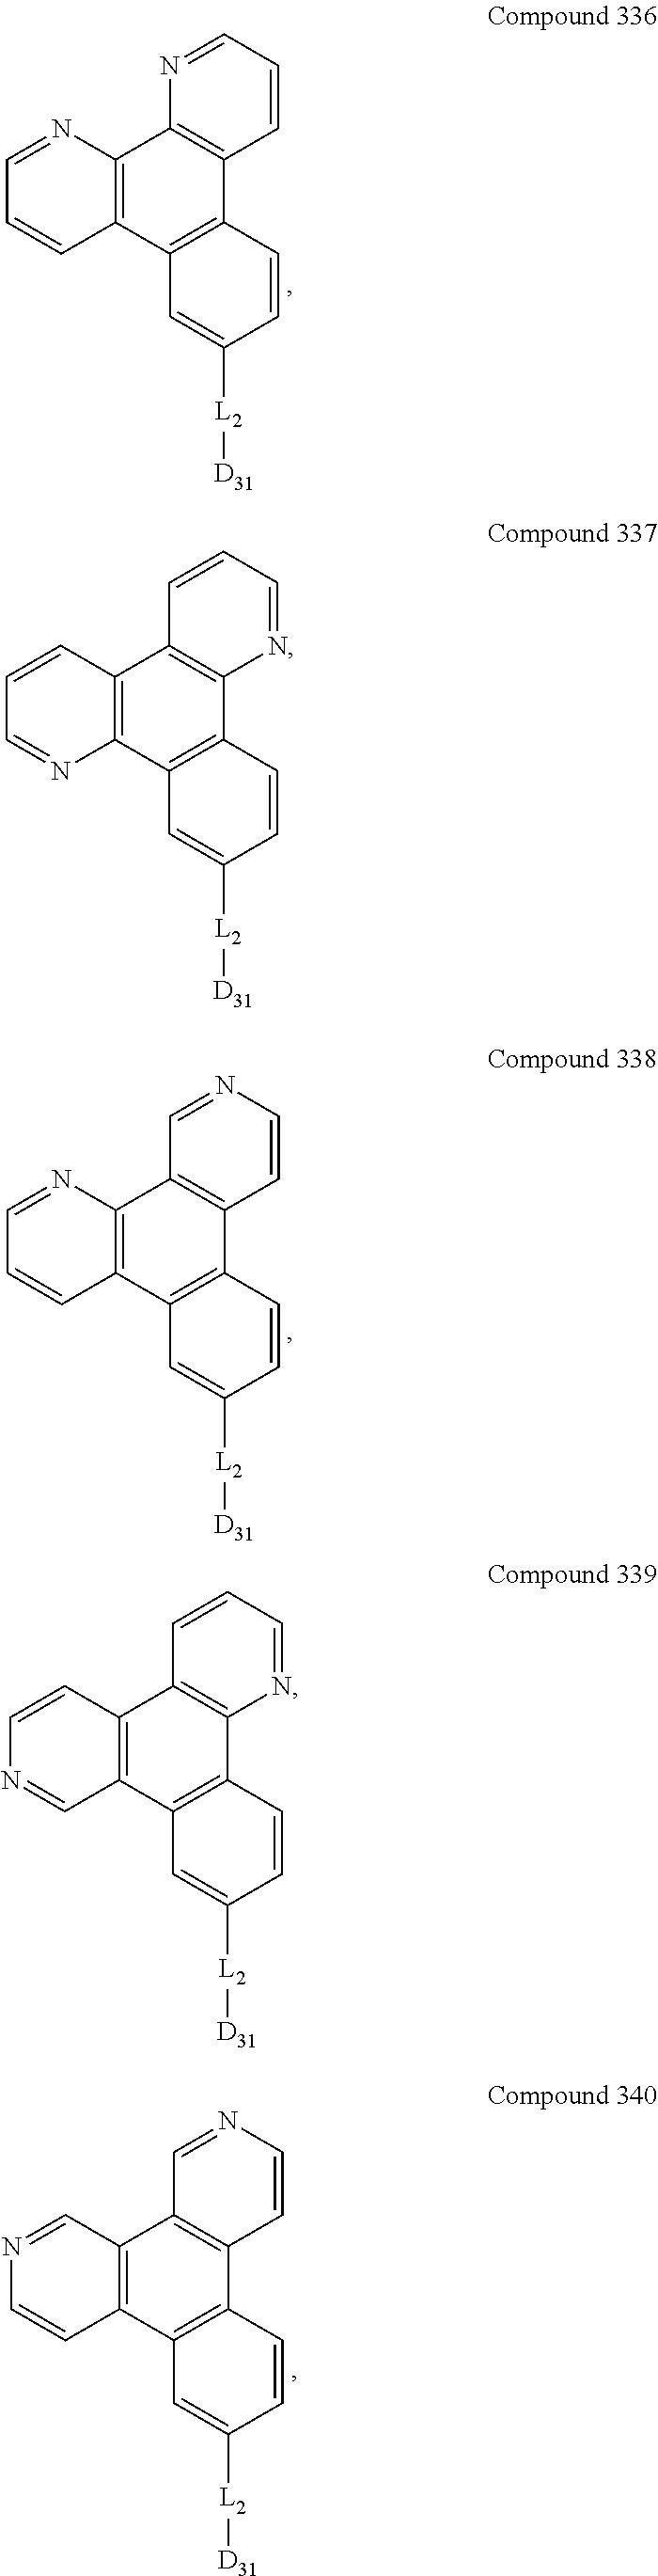 Figure US09537106-20170103-C00223